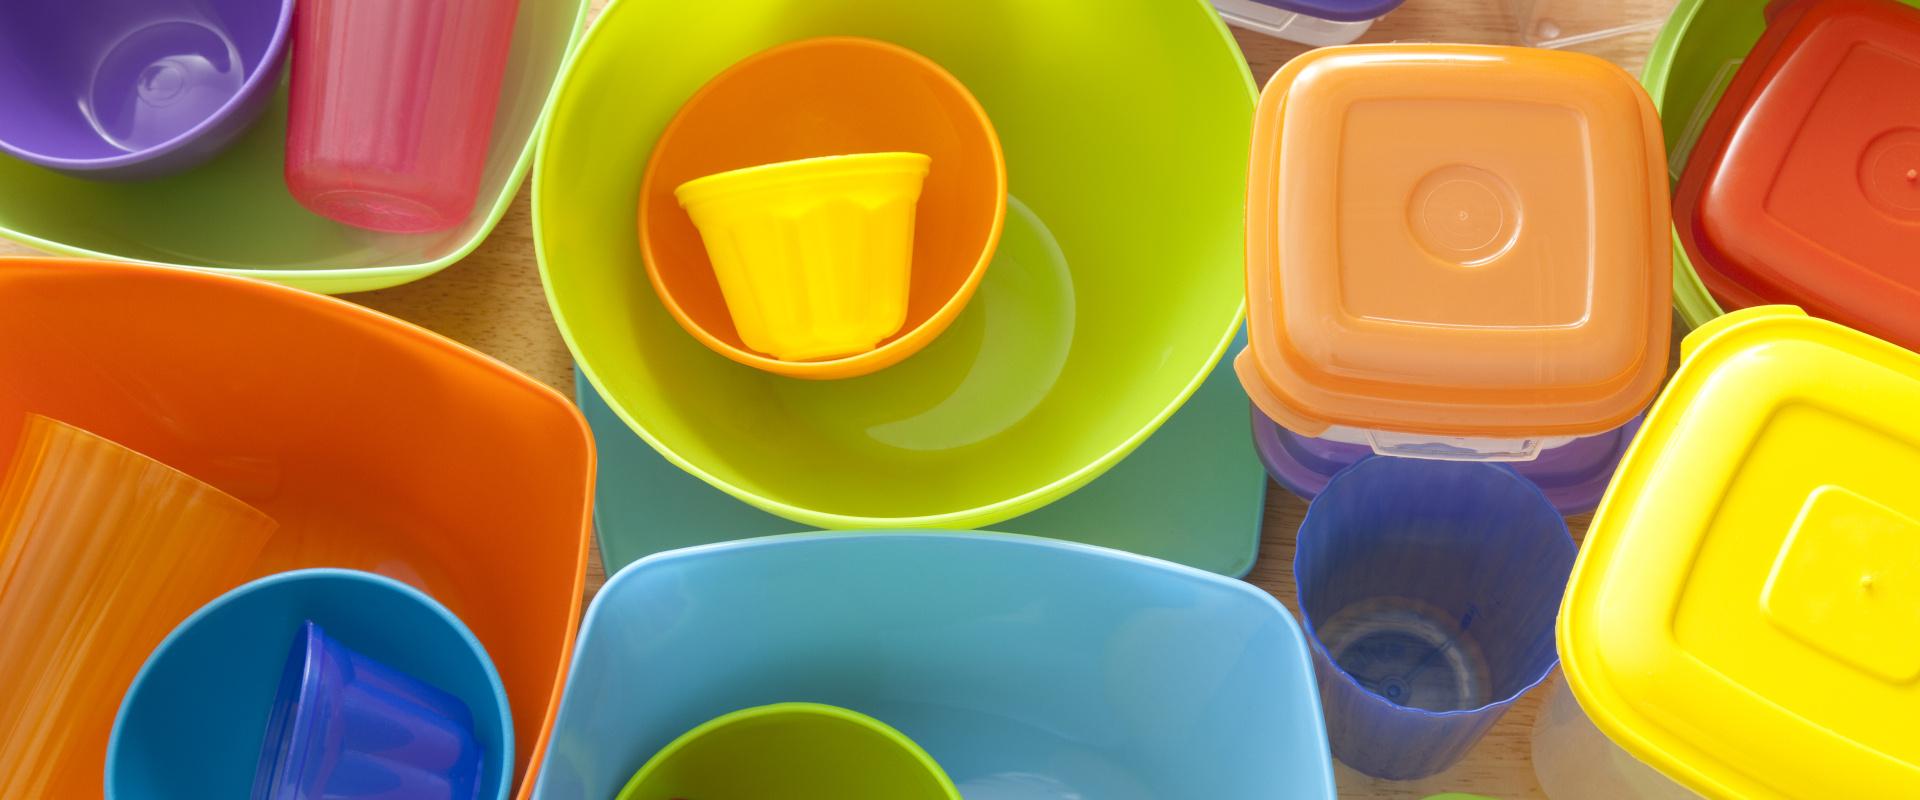 műanyag edények